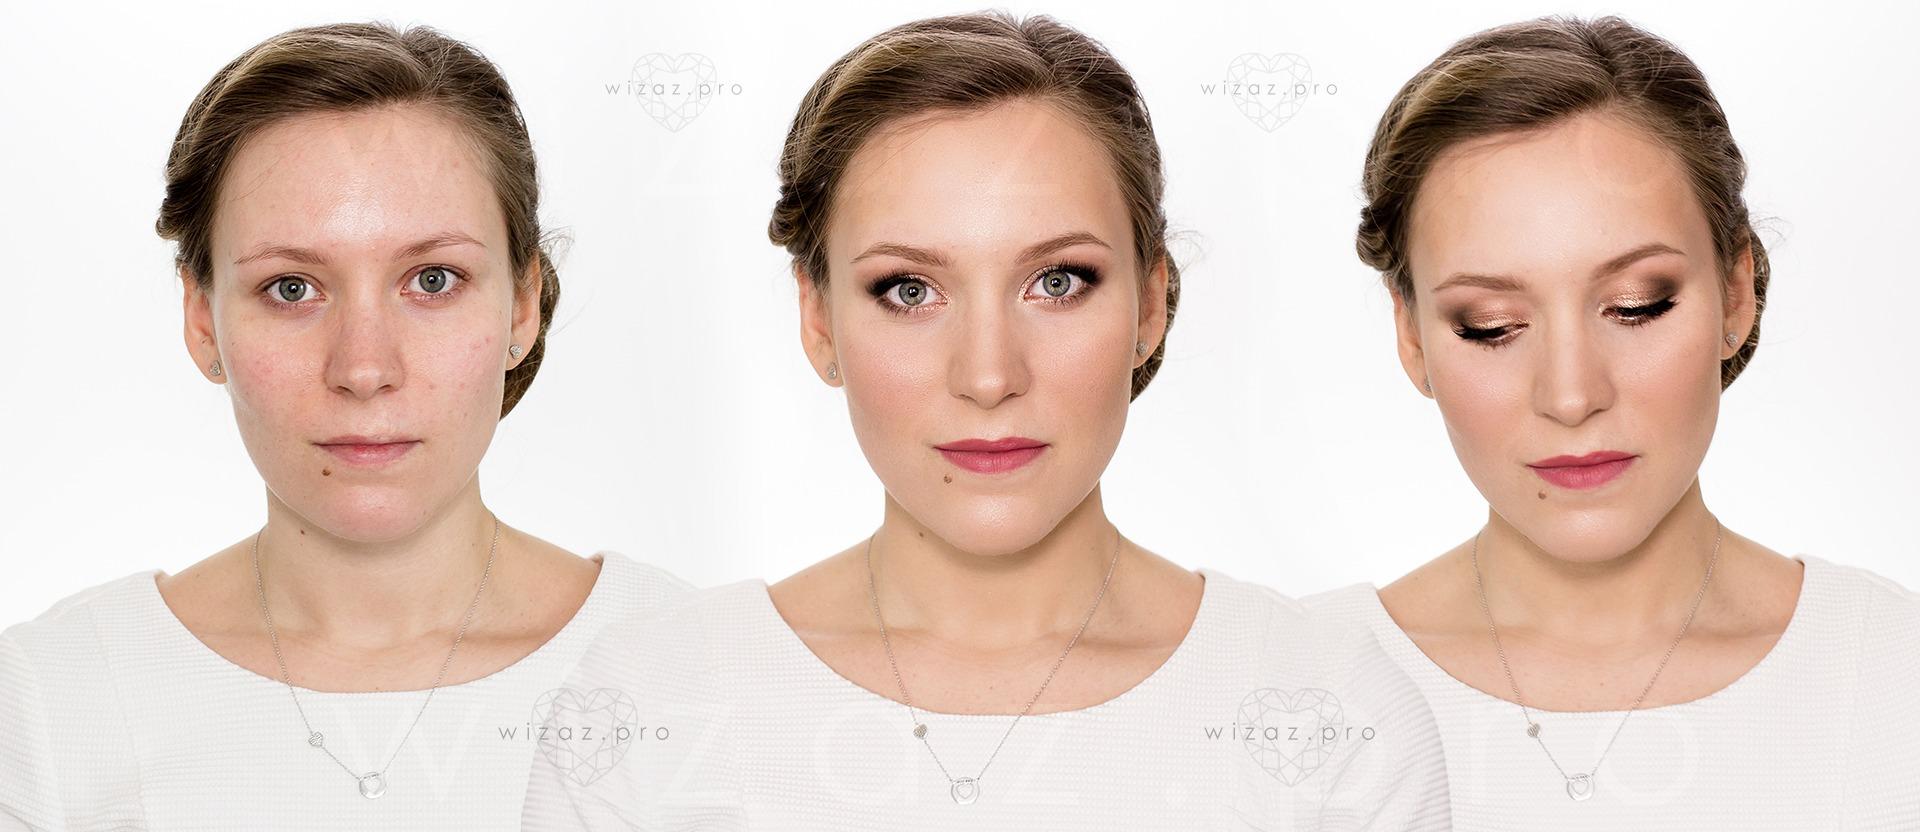 Makijaż ślubny rozświetlający dla blondynki - zielone i niebieskie oczy - Wizaż PRO Kraków